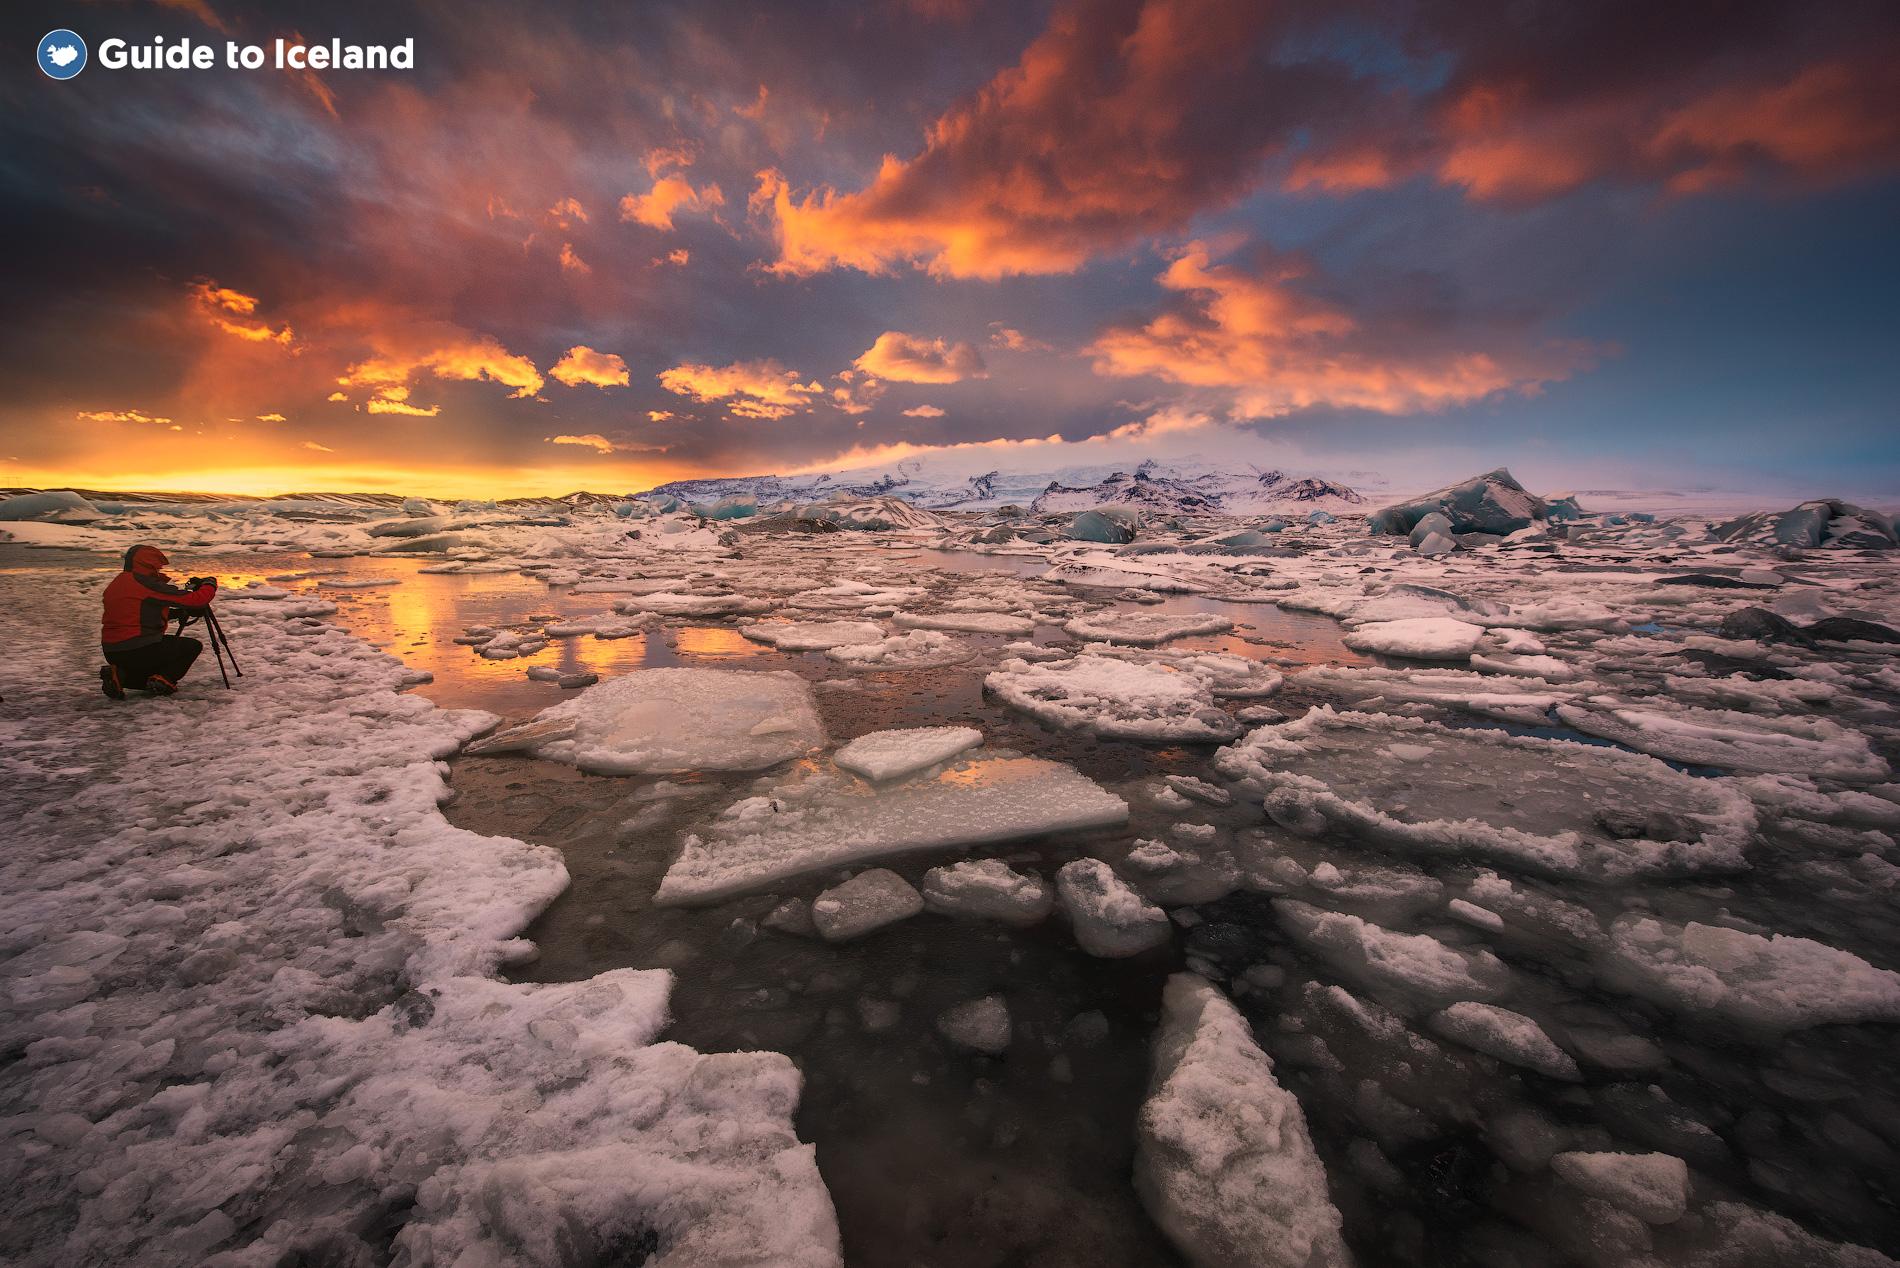 ภูเขาเวสตราฮอร์นในทางตะวันออกเฉียงใต้ของไอซ์แลนด์